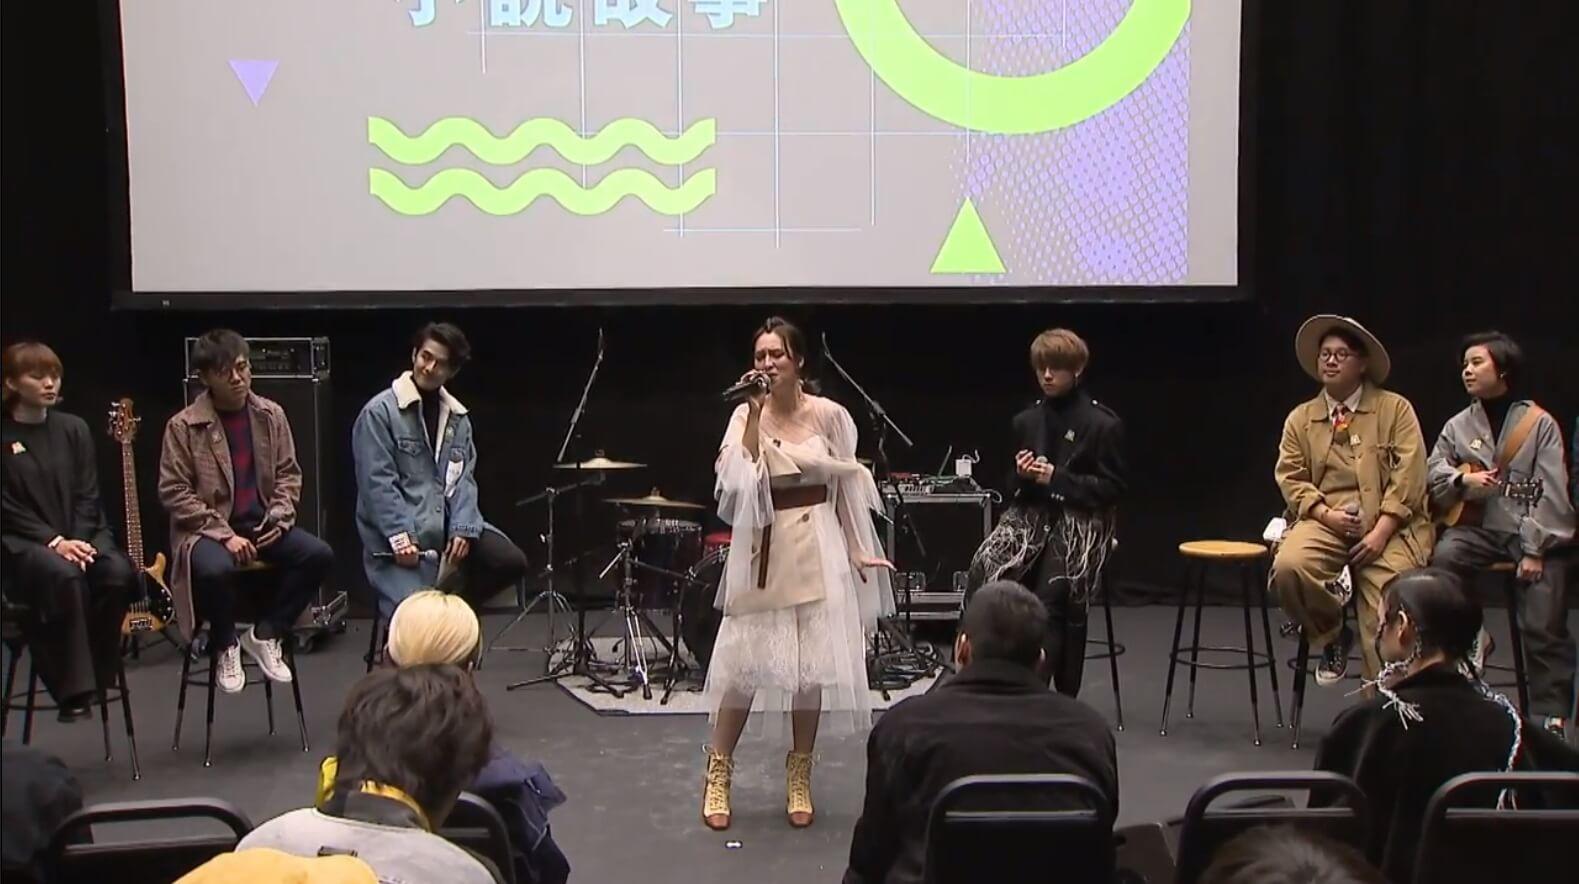 孫慧雪仍是無綫合約藝員,雖然唱片公司不屬「星夢」,但仍大膽現身ViuTV,網民大讚她有「吉士」。